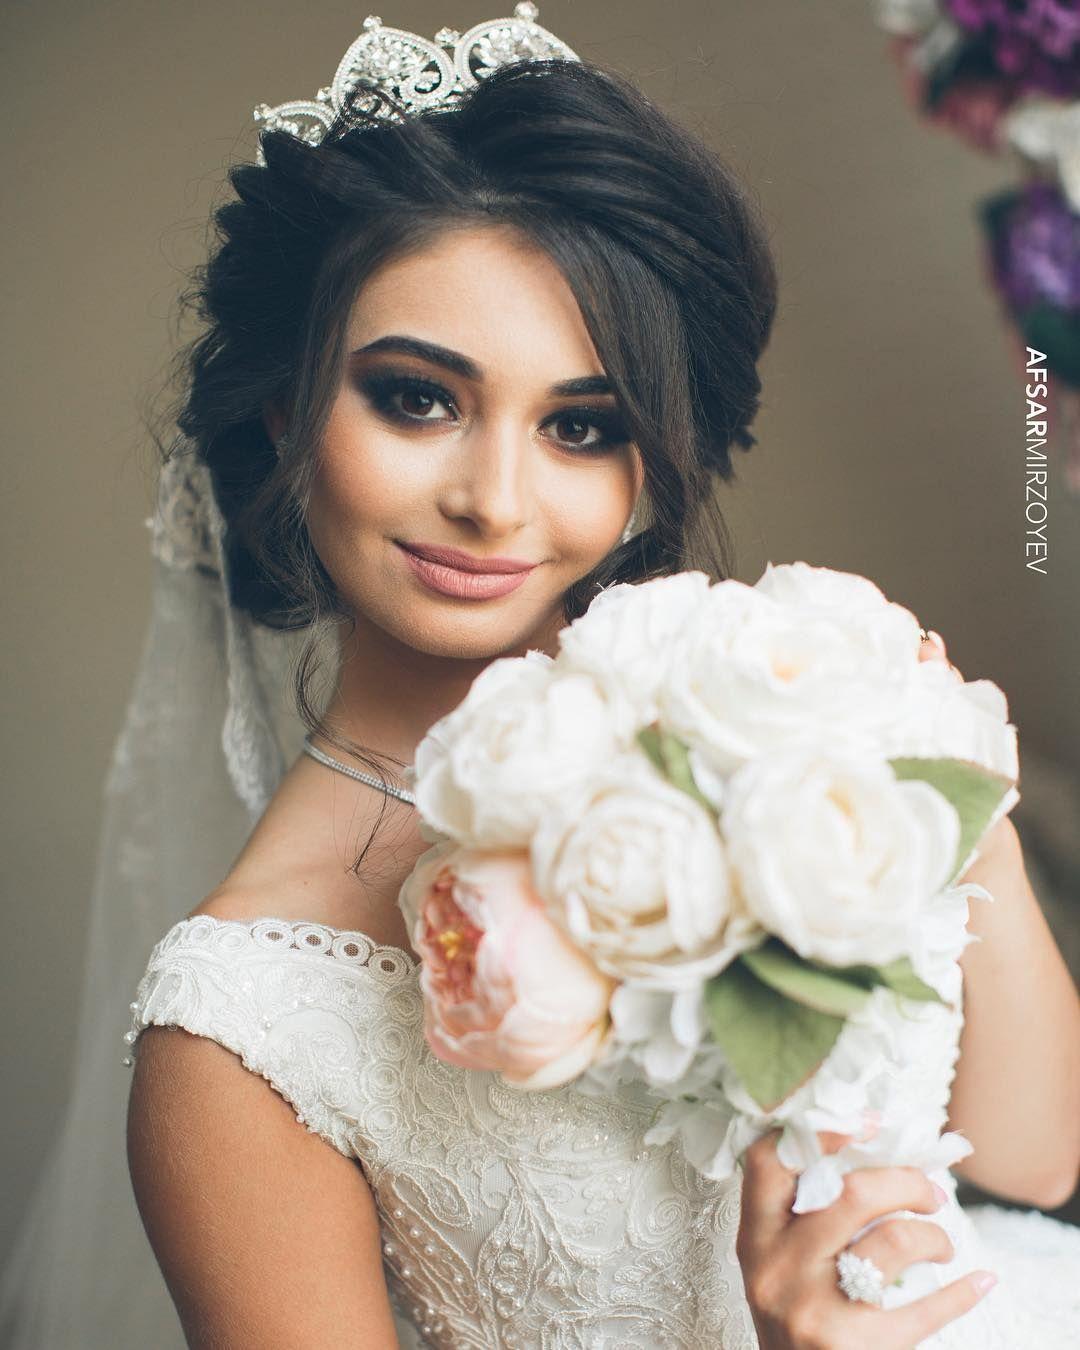 مكياج ناعم للعرايس Wedding Dresses Lace Hair Makeup Wedding Dresses